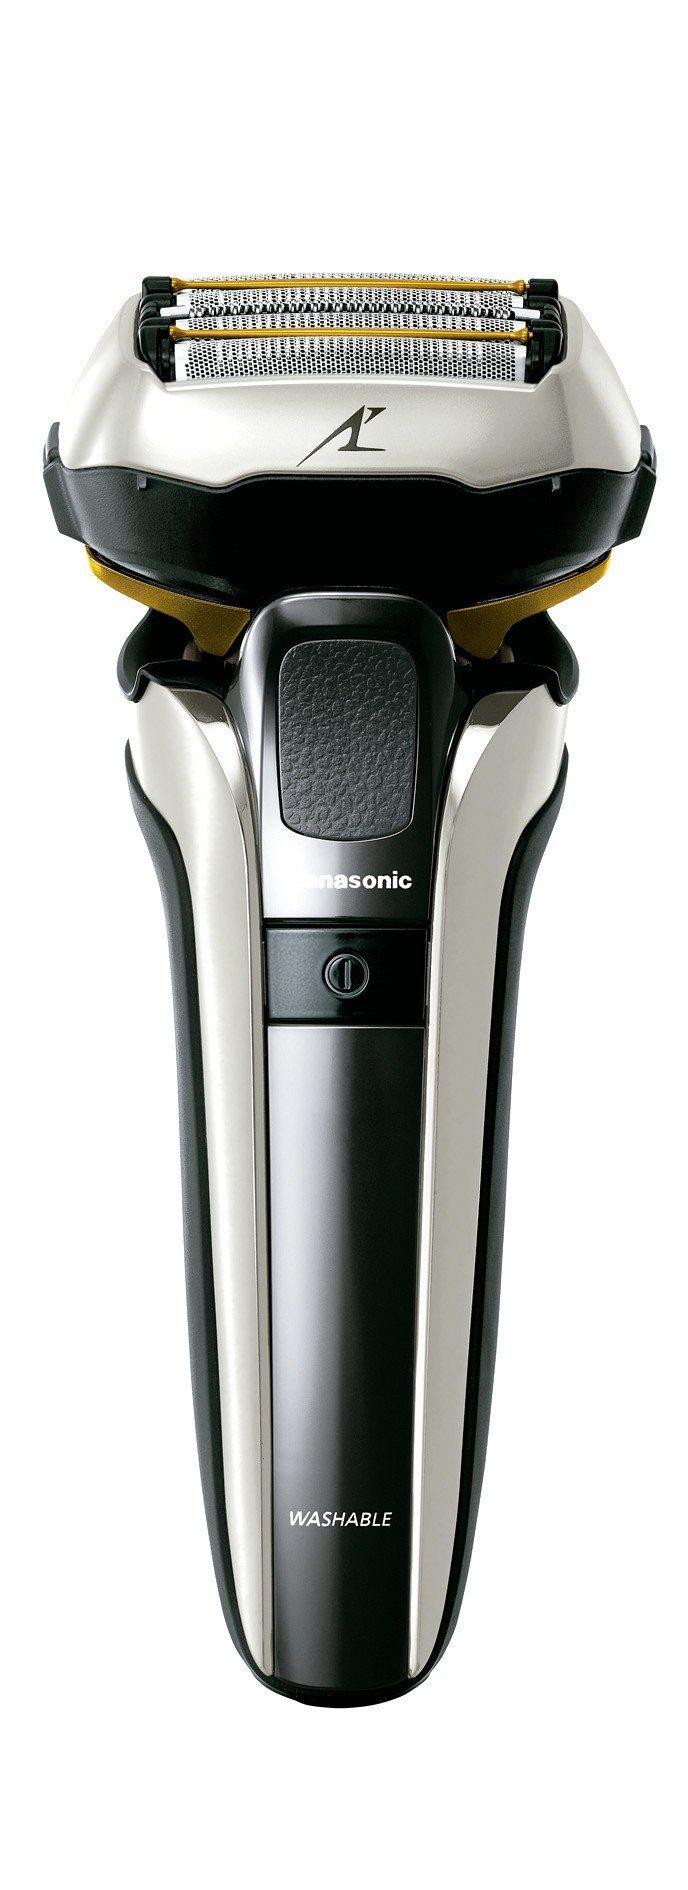 Panasonic新密著5枚刃電鬍刀,ES-LV9C建議售價16,888元。 圖...